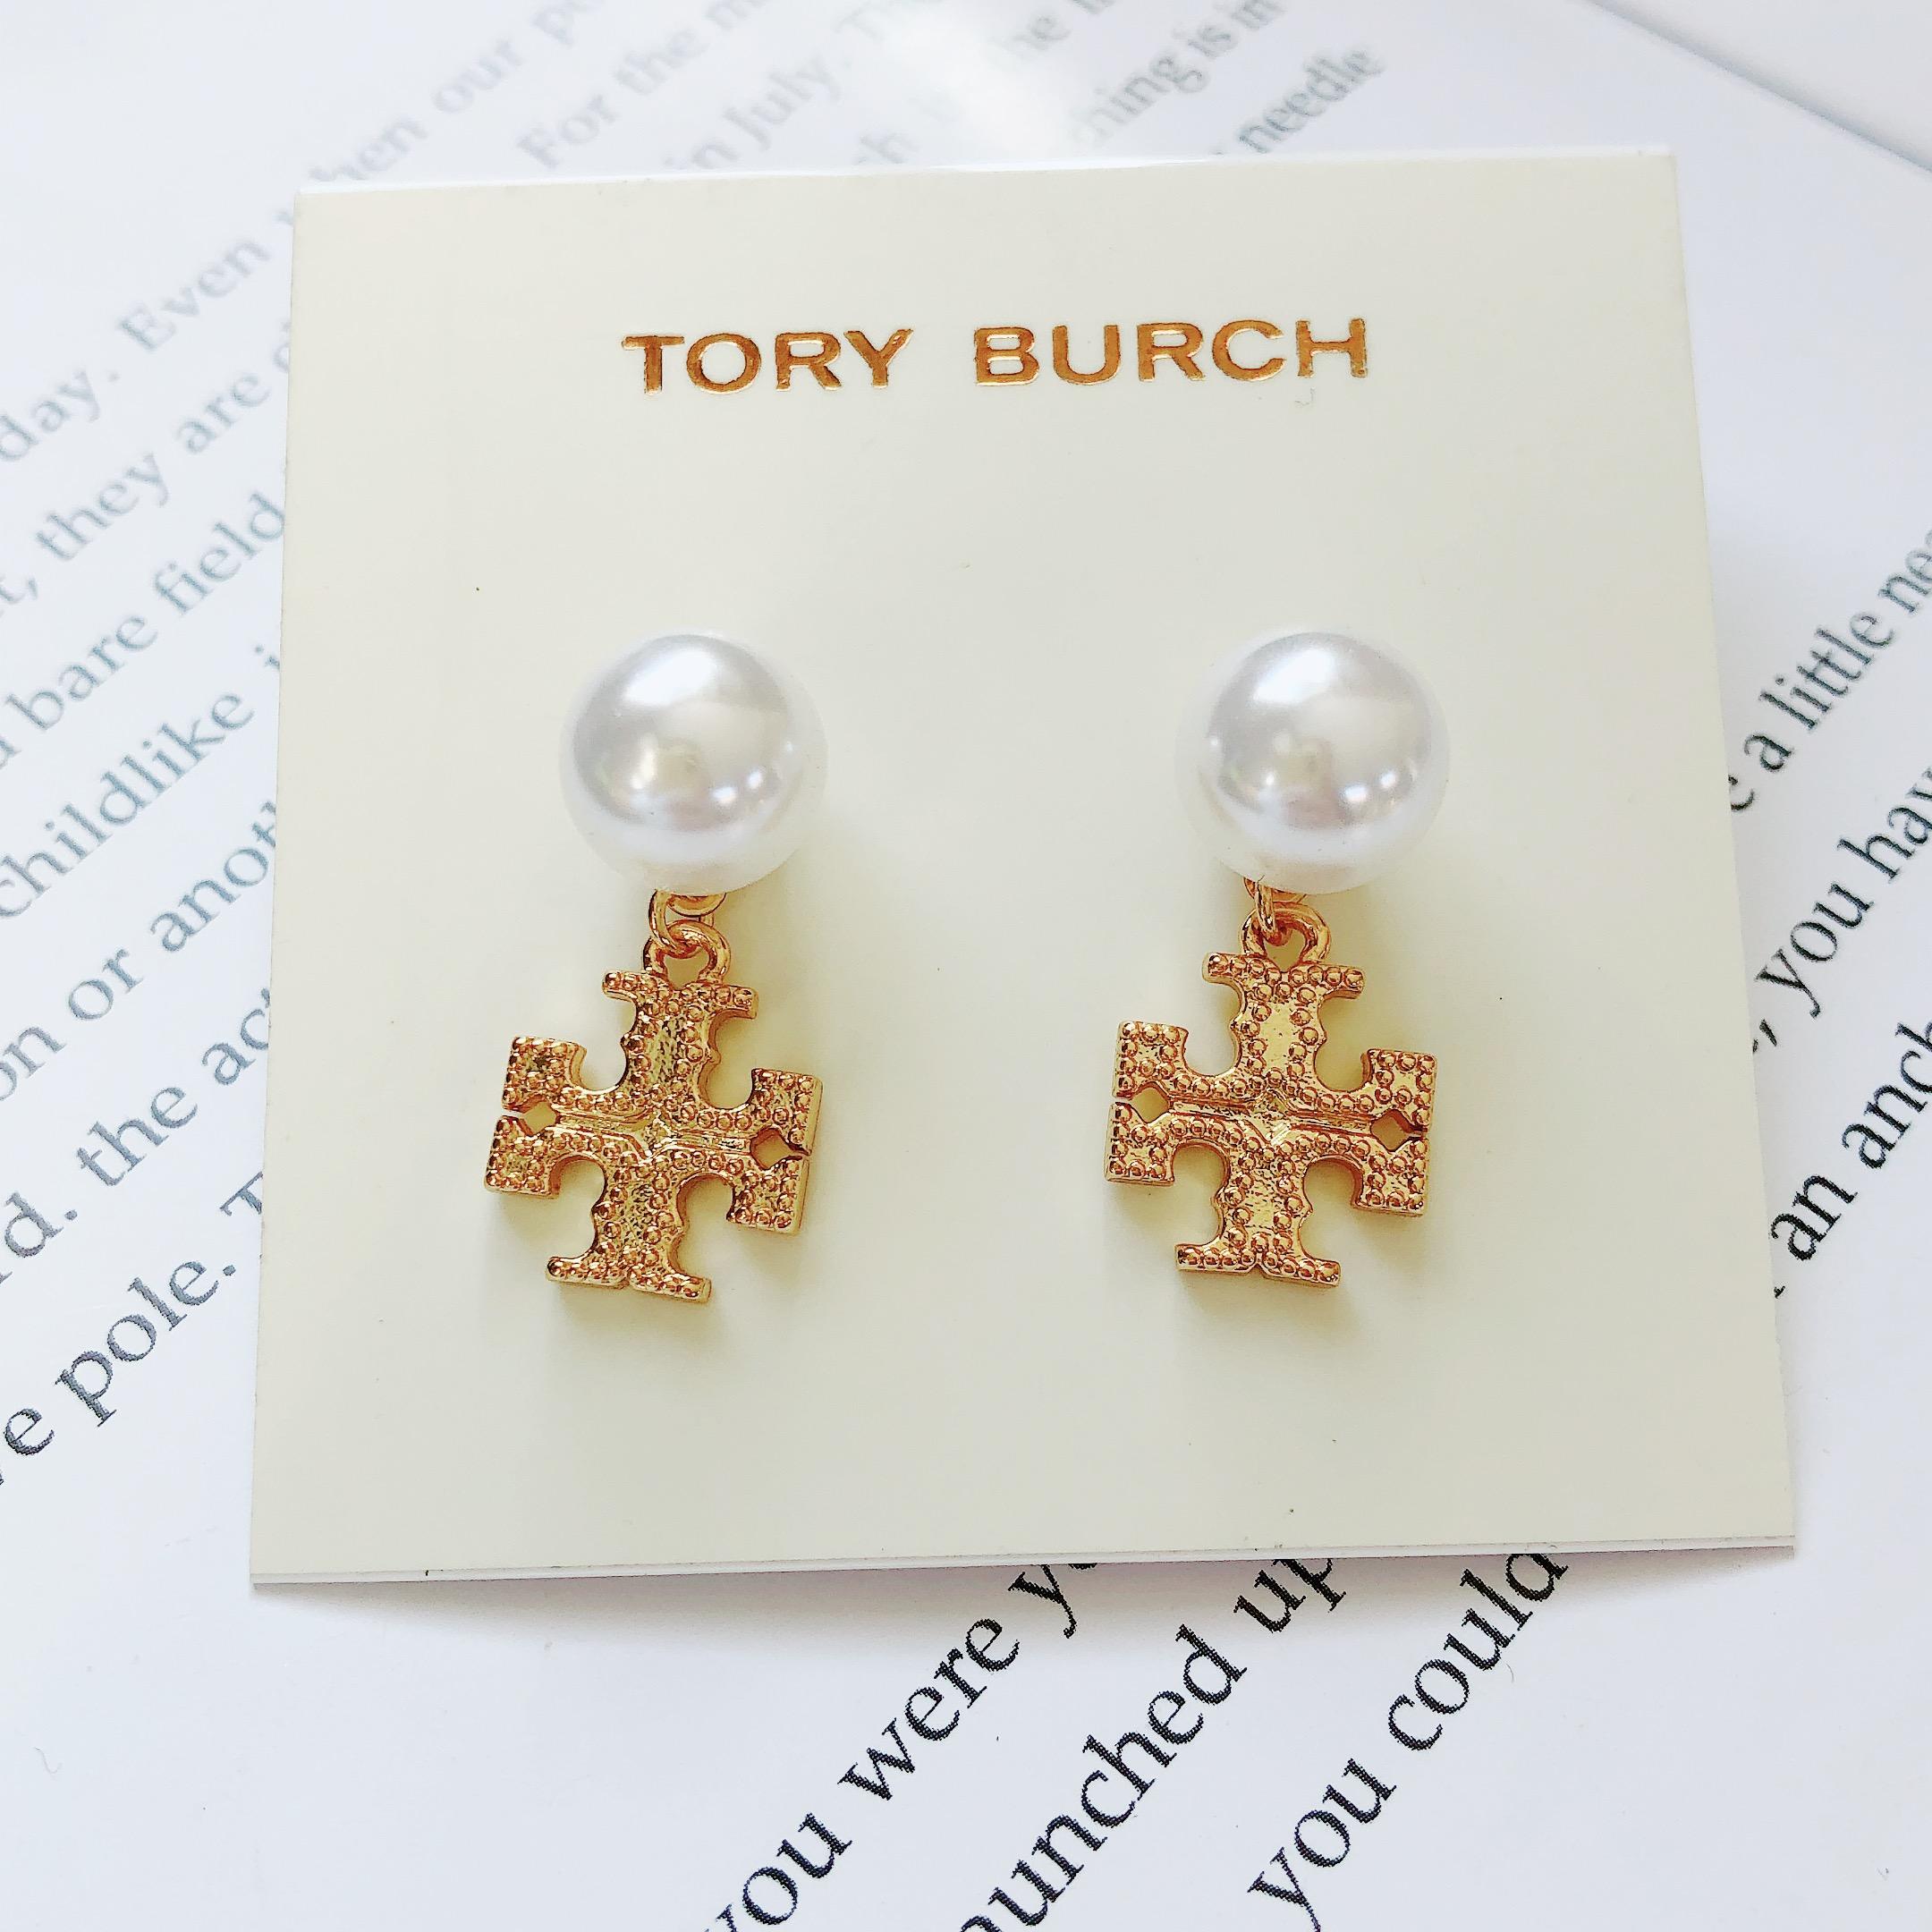 欧美时尚流行饰品tb徽标耳钉珍珠镶嵌金属吊坠时尚流行百搭新款潮